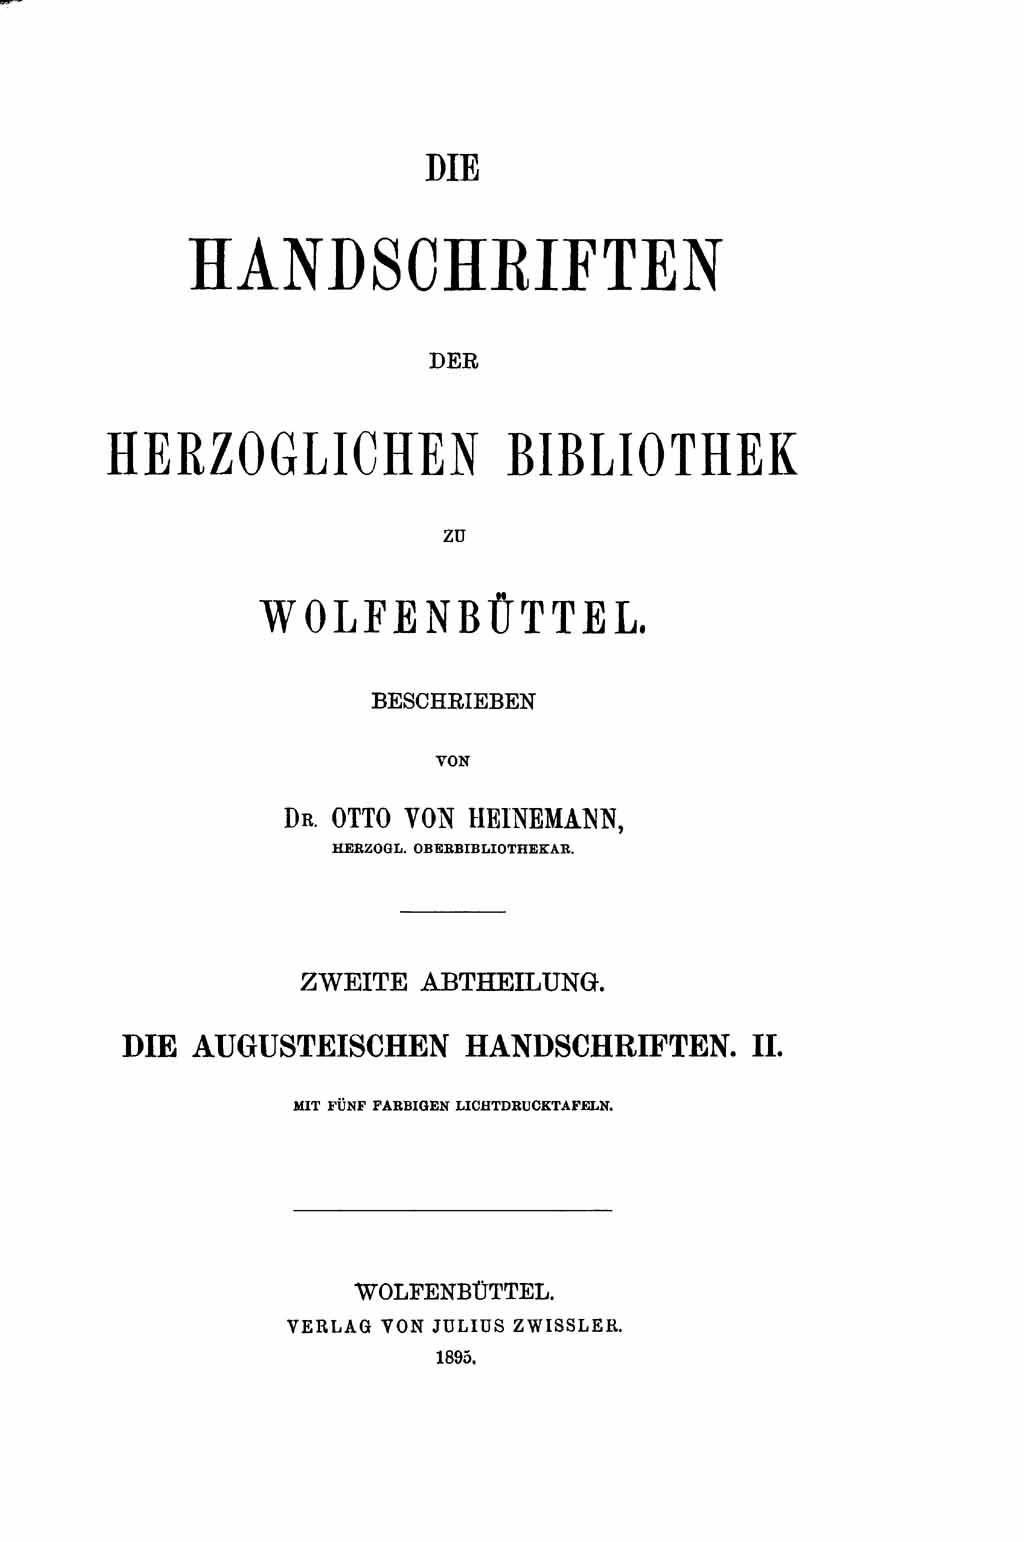 https://diglib.hab.de/drucke/f4f-539-5/00007.jpg